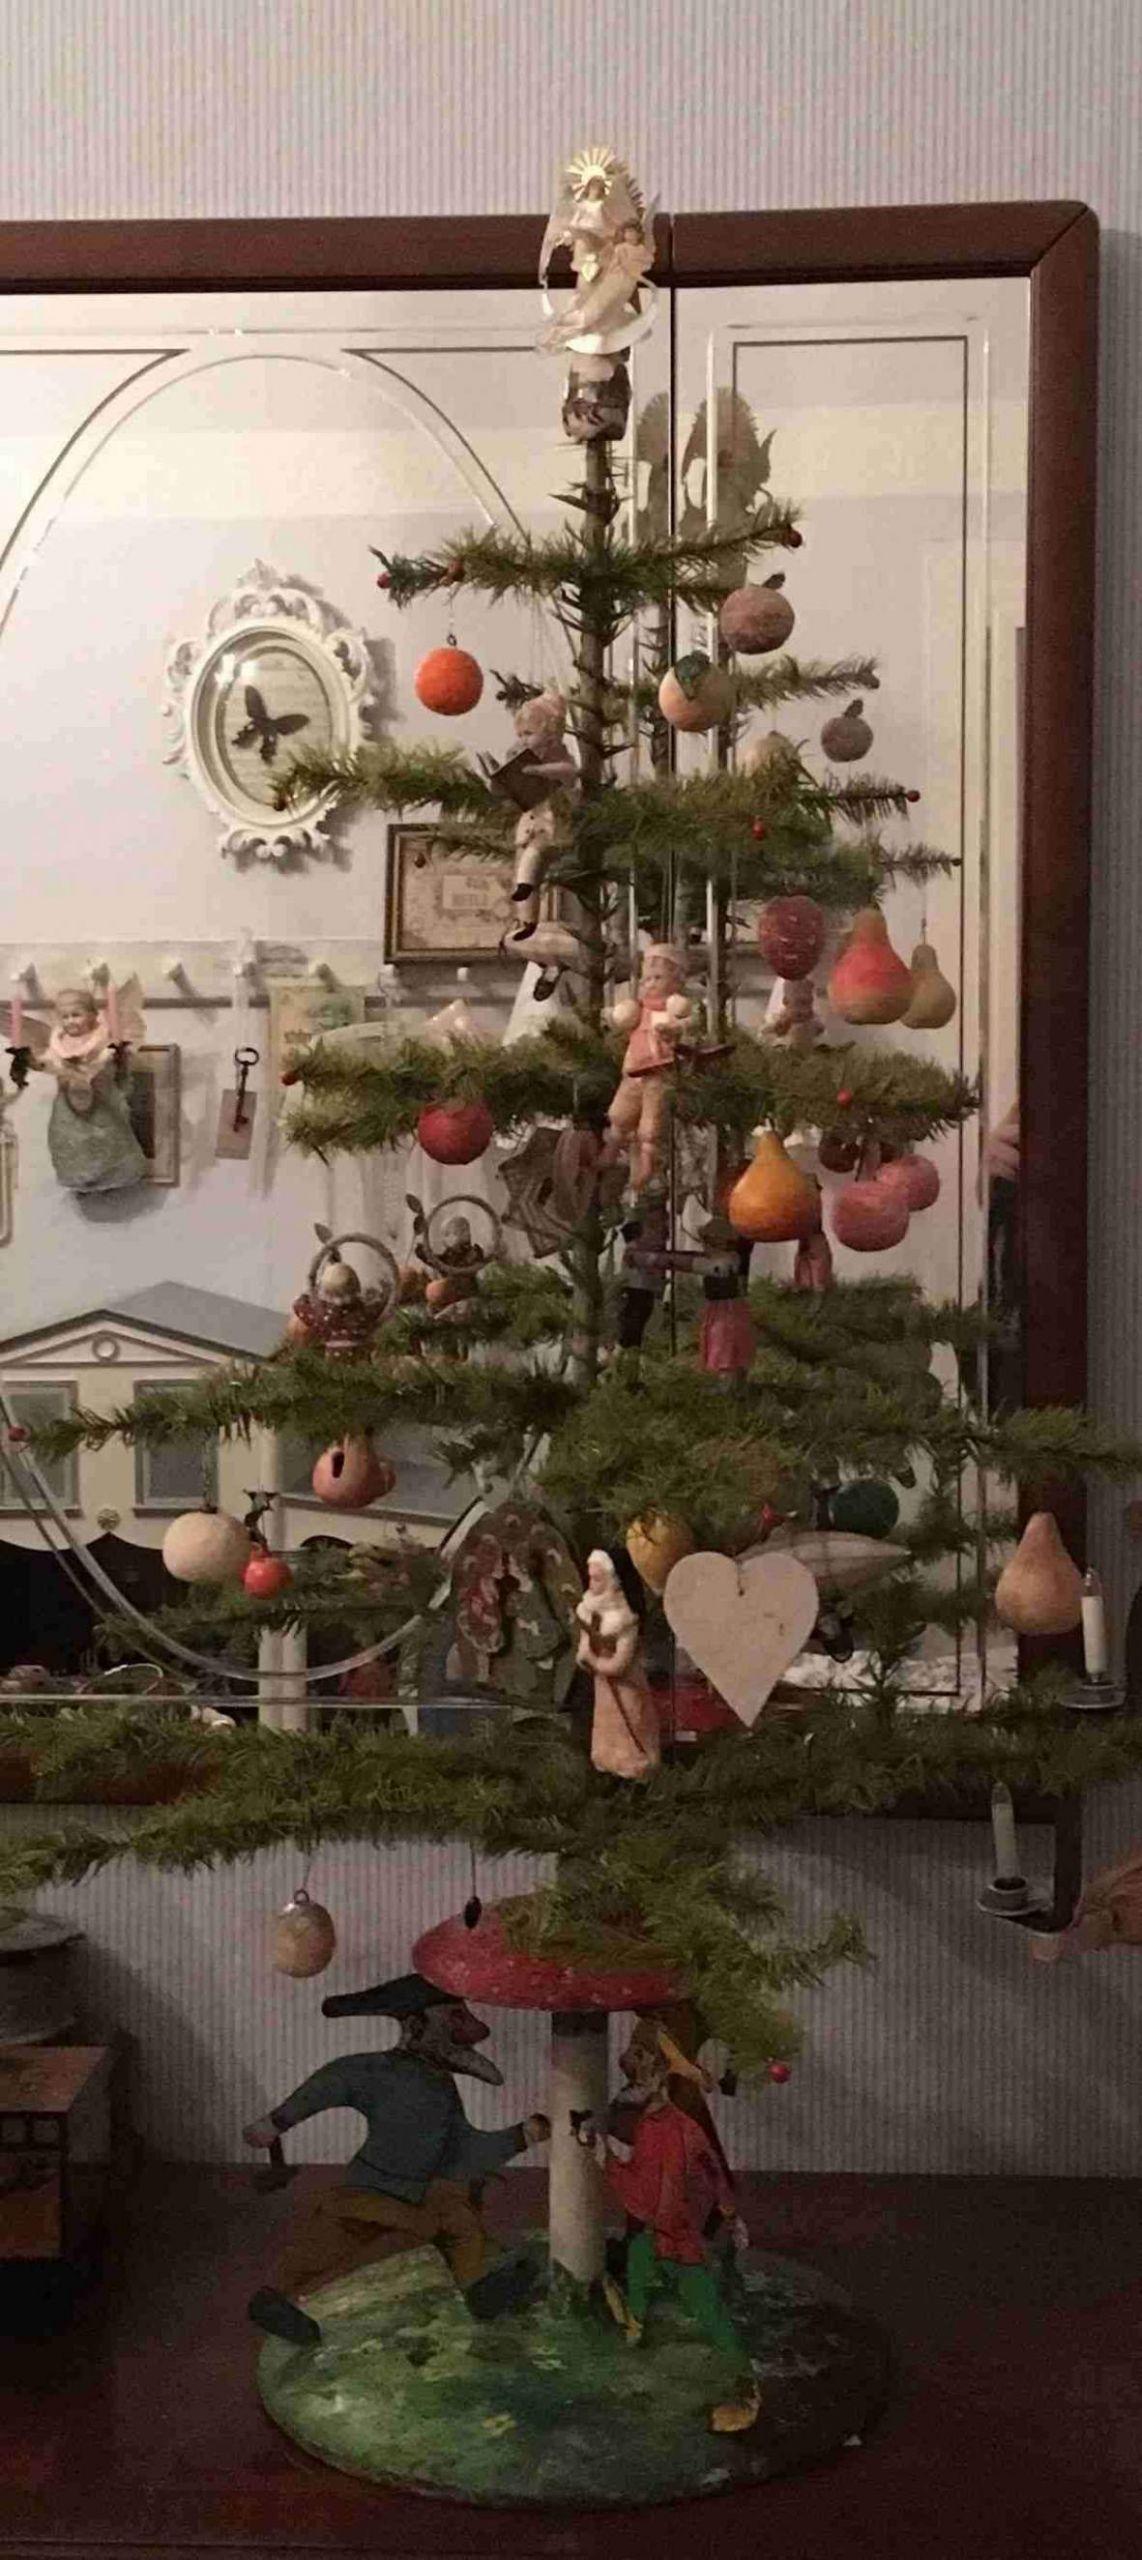 weihnachtsdeko garten luxus weihnachtsdeko ideen fur aussen temobardz home blog of weihnachtsdeko garten scaled